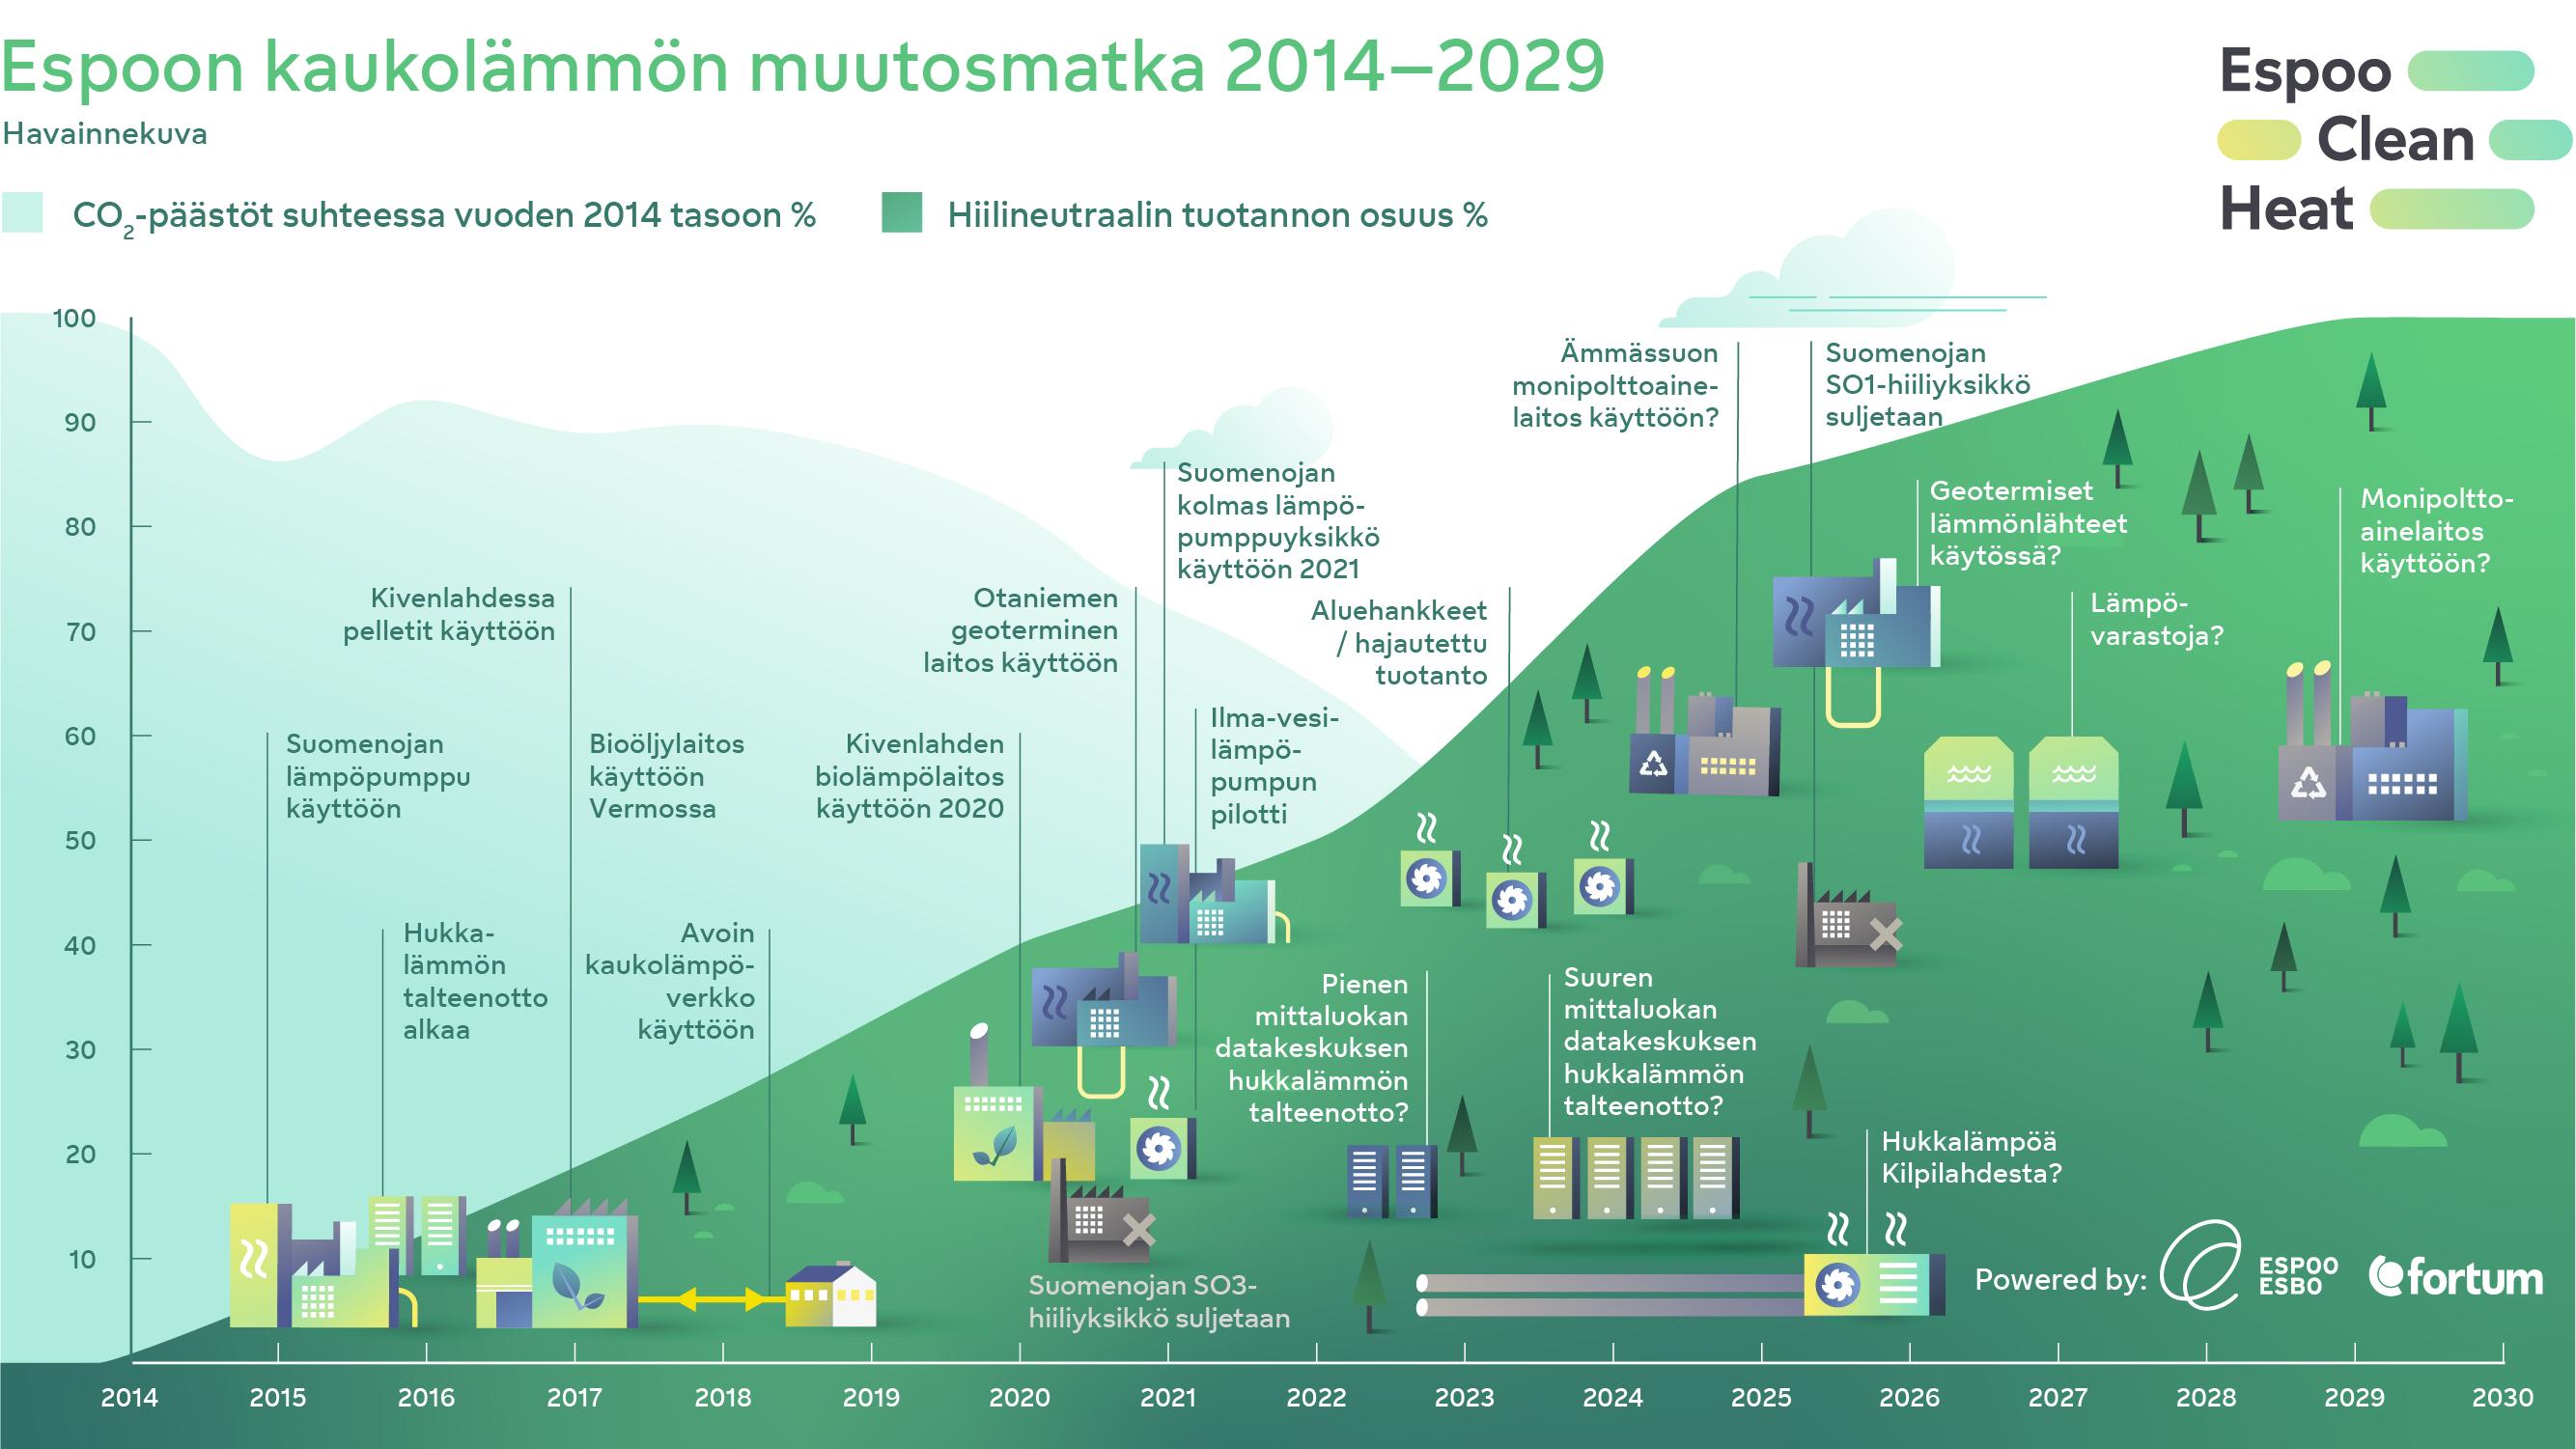 Kaaviokuva kaukolämmön muutosmatkasta 2014-2029